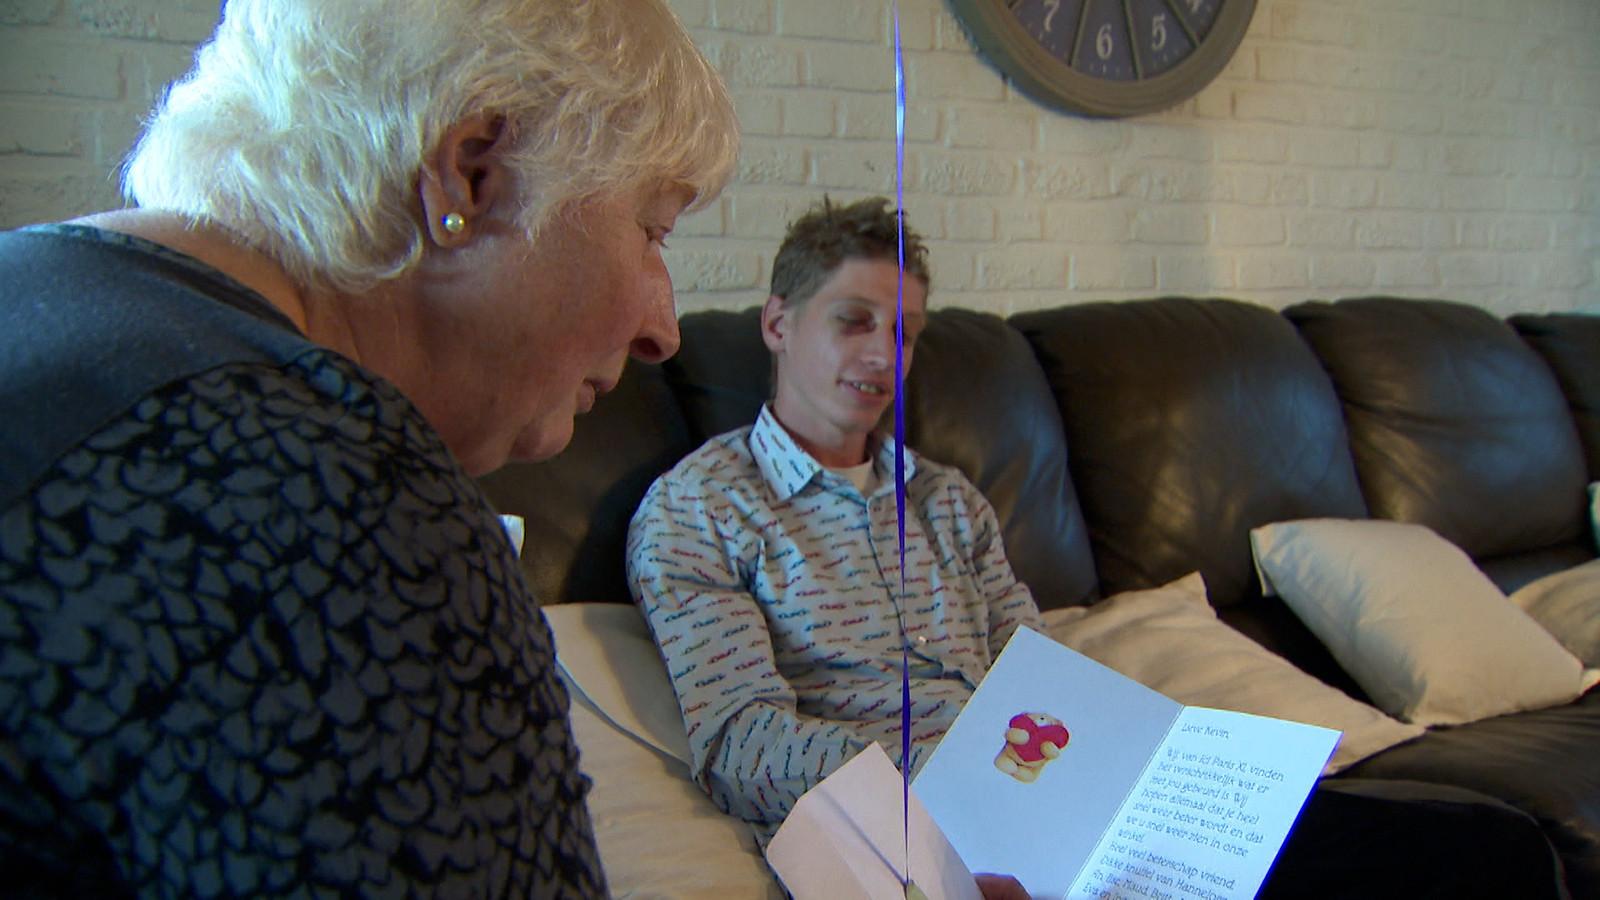 De moeder van Kevin leest een kaartje voor.